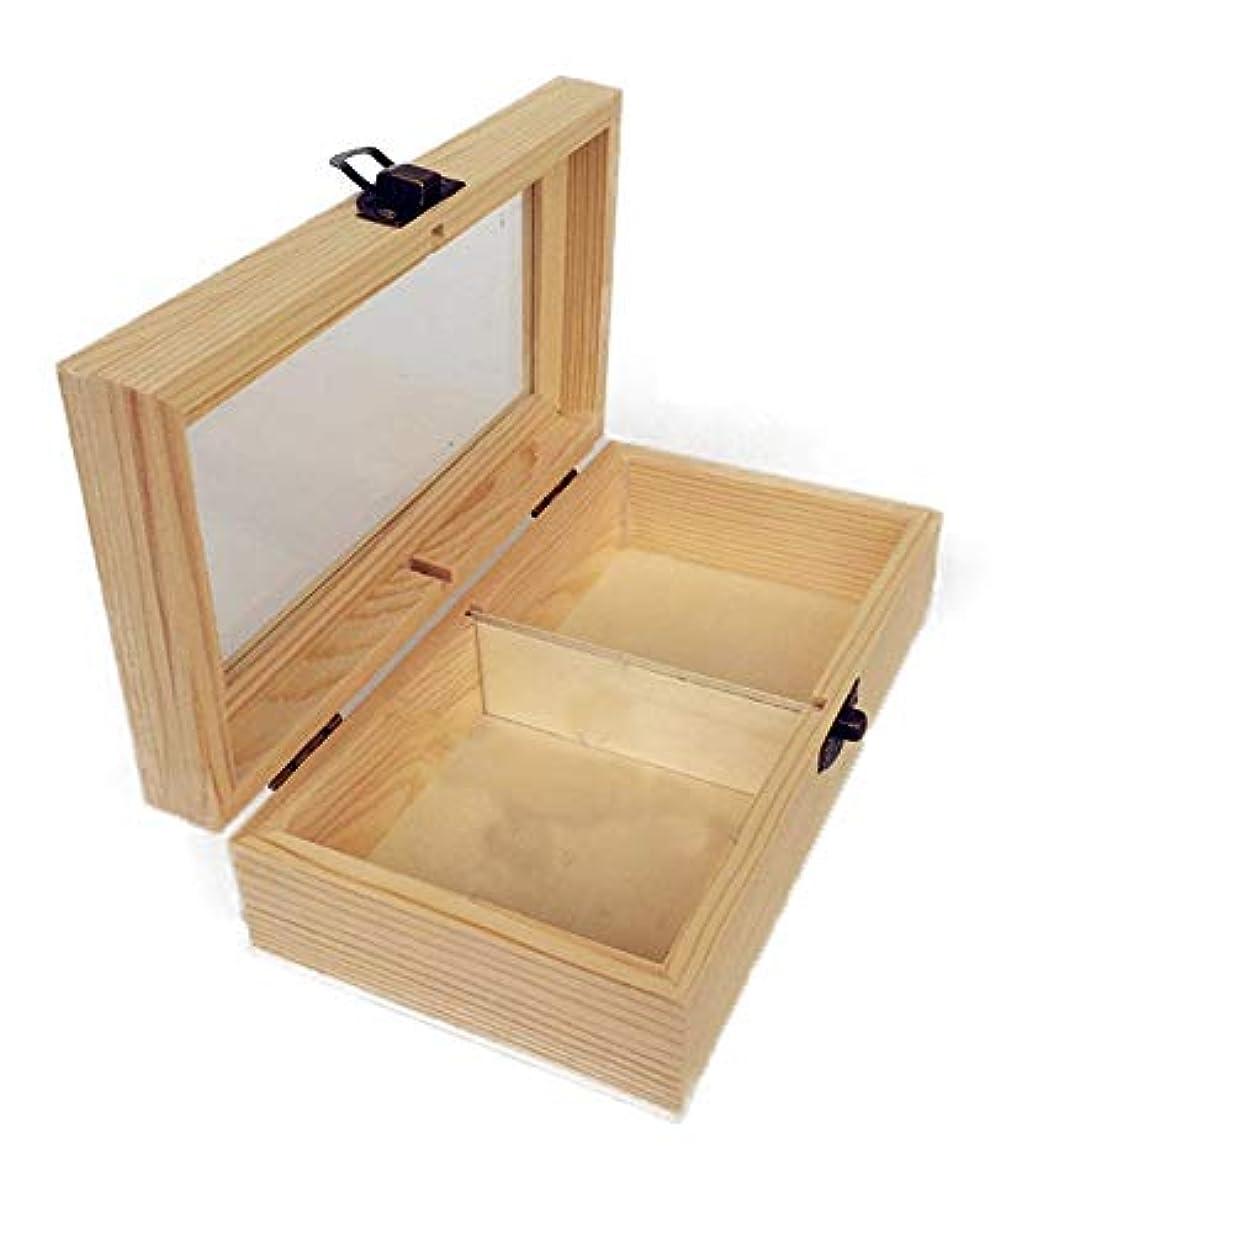 リスナーエンターテインメント熱望するエッセンシャルオイル収納ボックス プレゼンテーションのために手作りの木製ギフトボックスパーフェクトエッセンシャルオイルケースにエッセンシャルオイルは、被害太陽光からあなたの油を保護します (色 : Natural, サイズ...